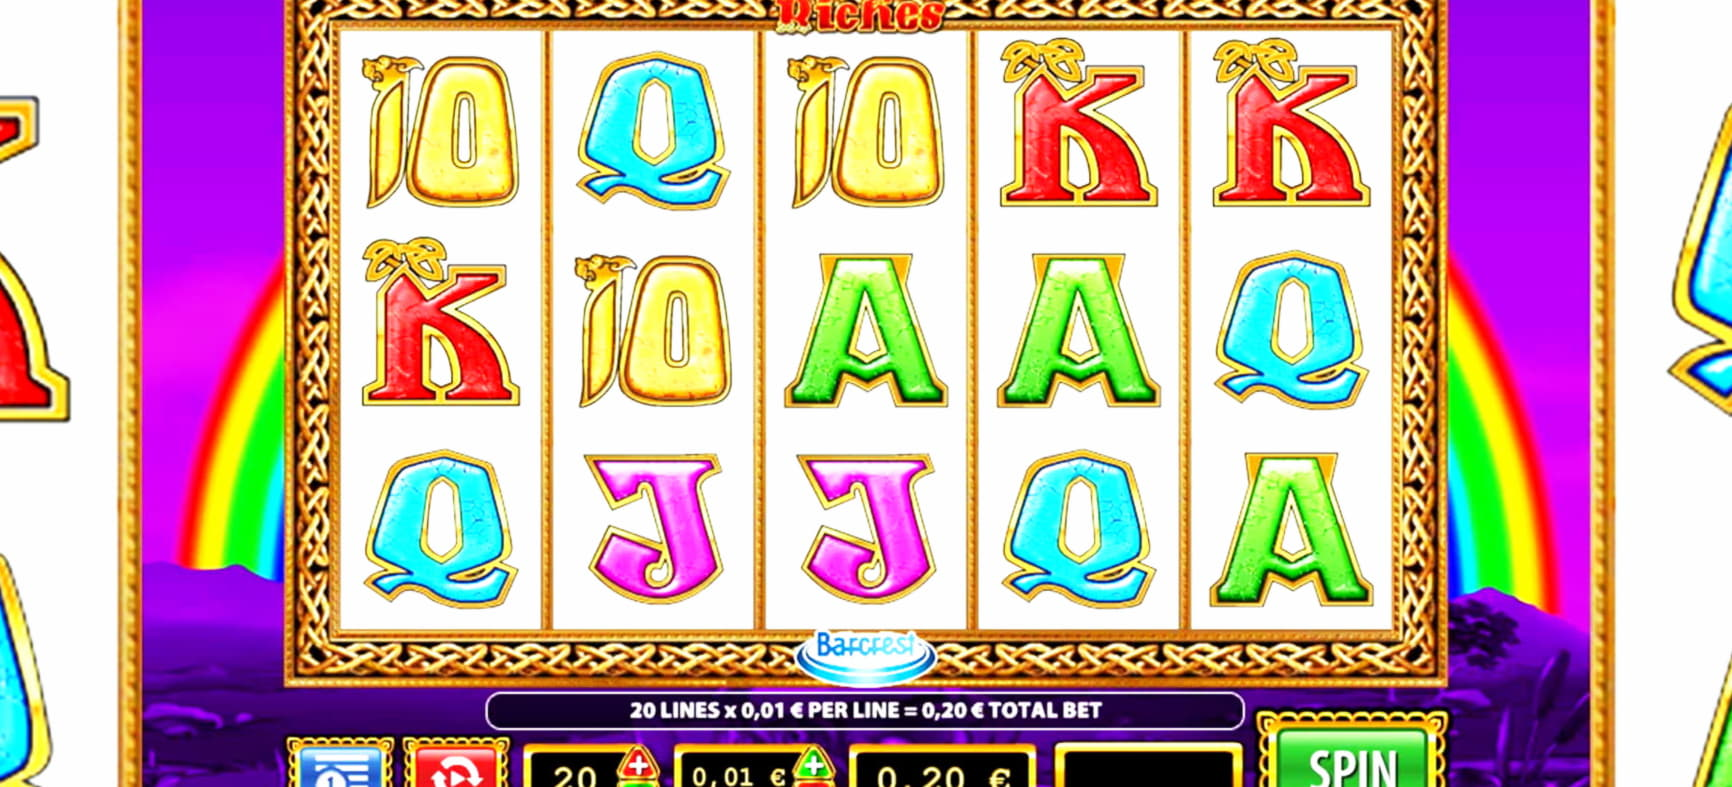 905% Welcome Bonus at Manhattan Slots Casino